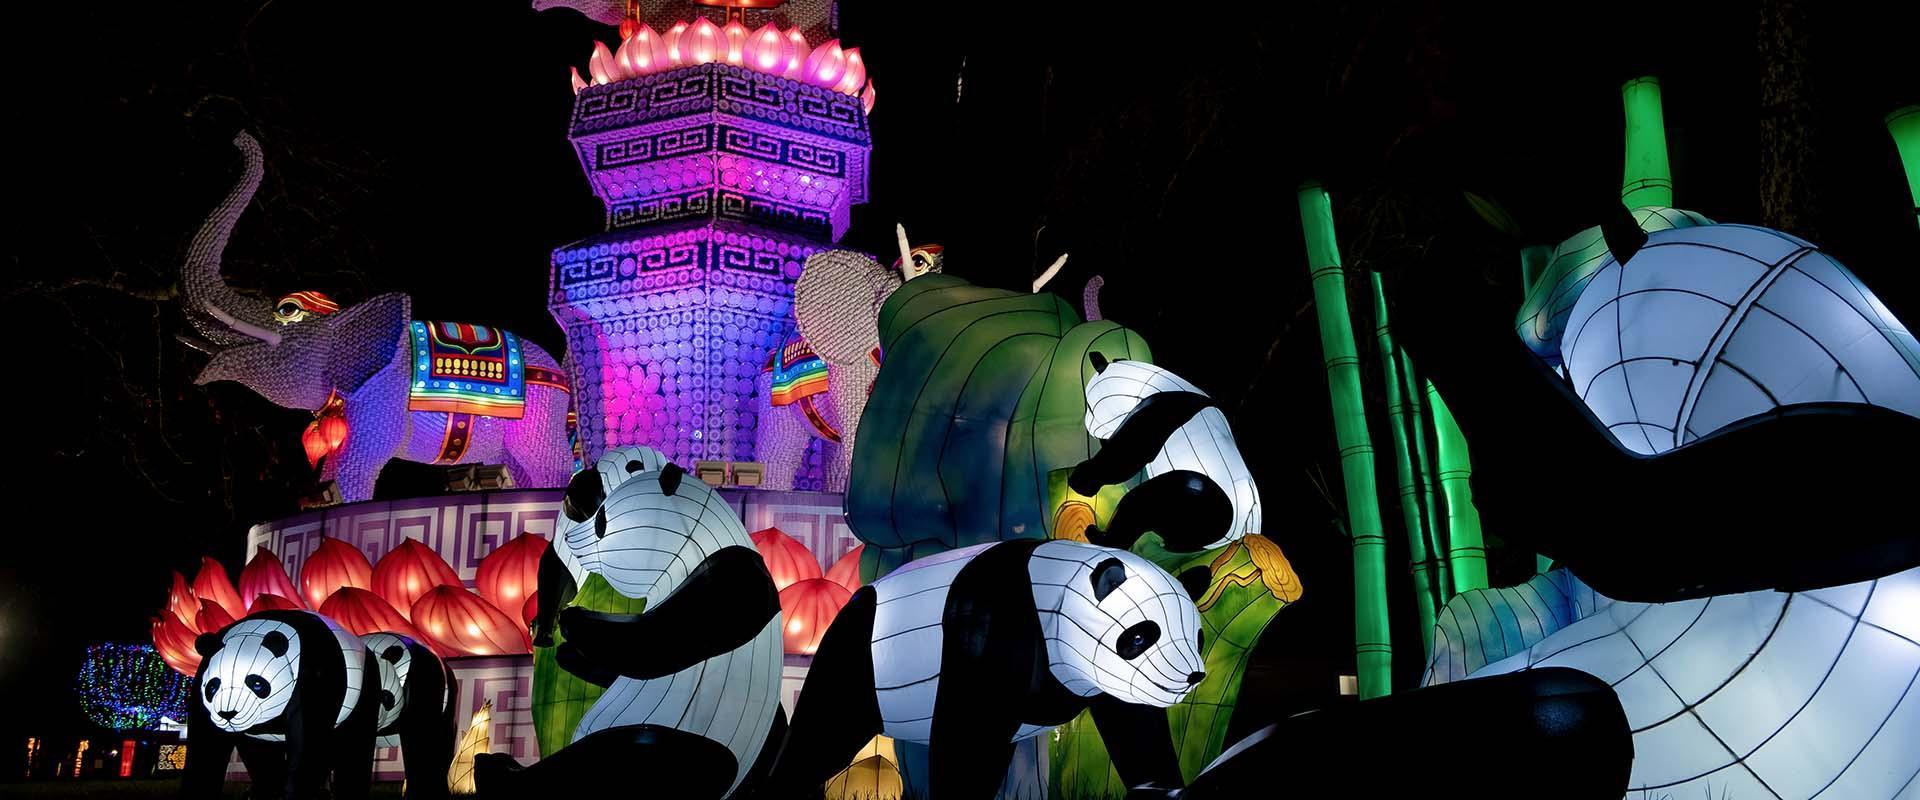 Le festival des Lanternes Blagnac